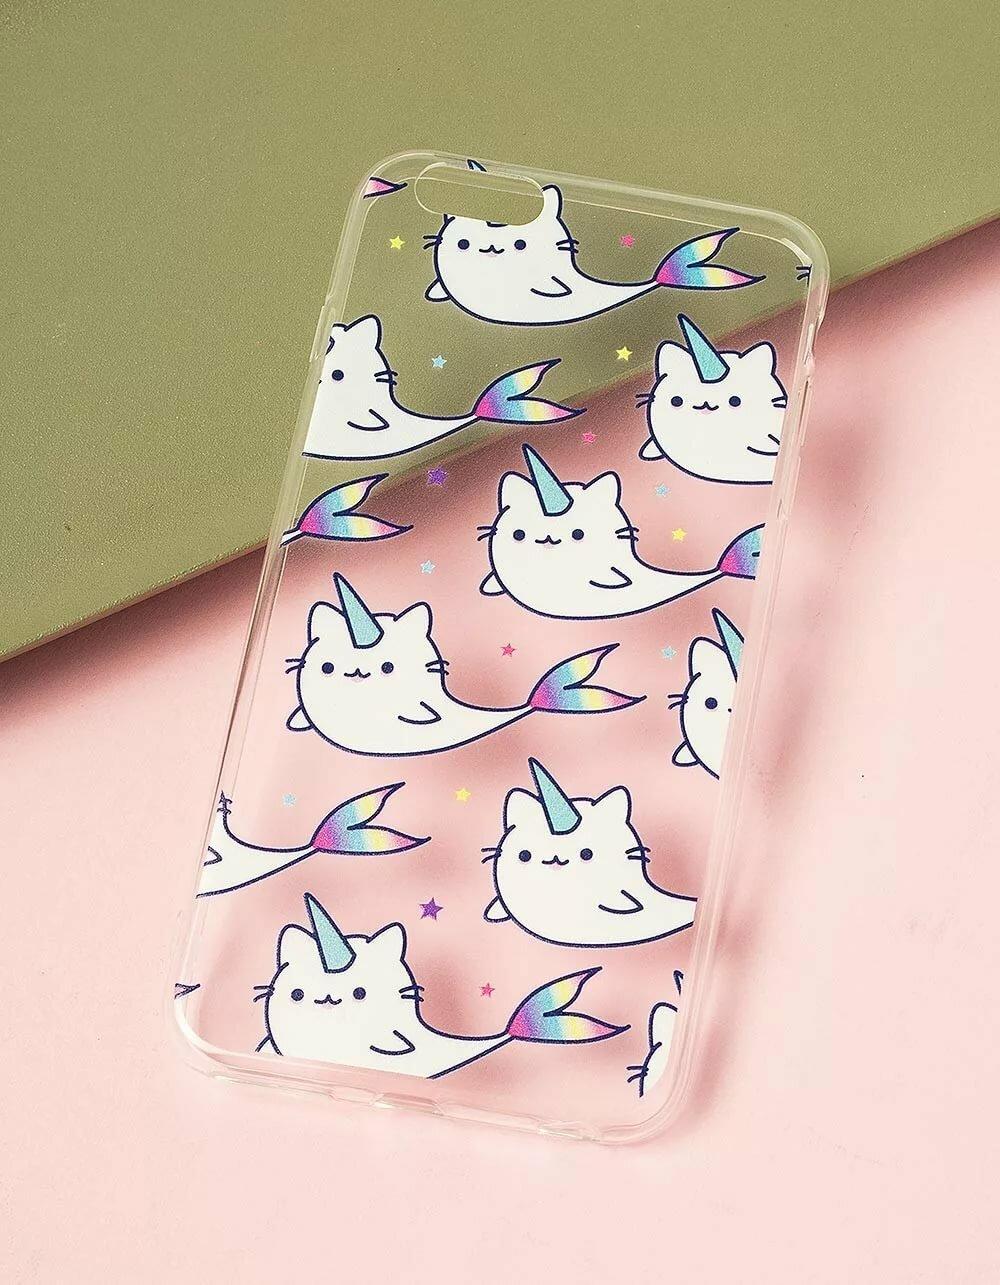 картинки на чехол для телефона нарисовать красивые рисунки котики можно